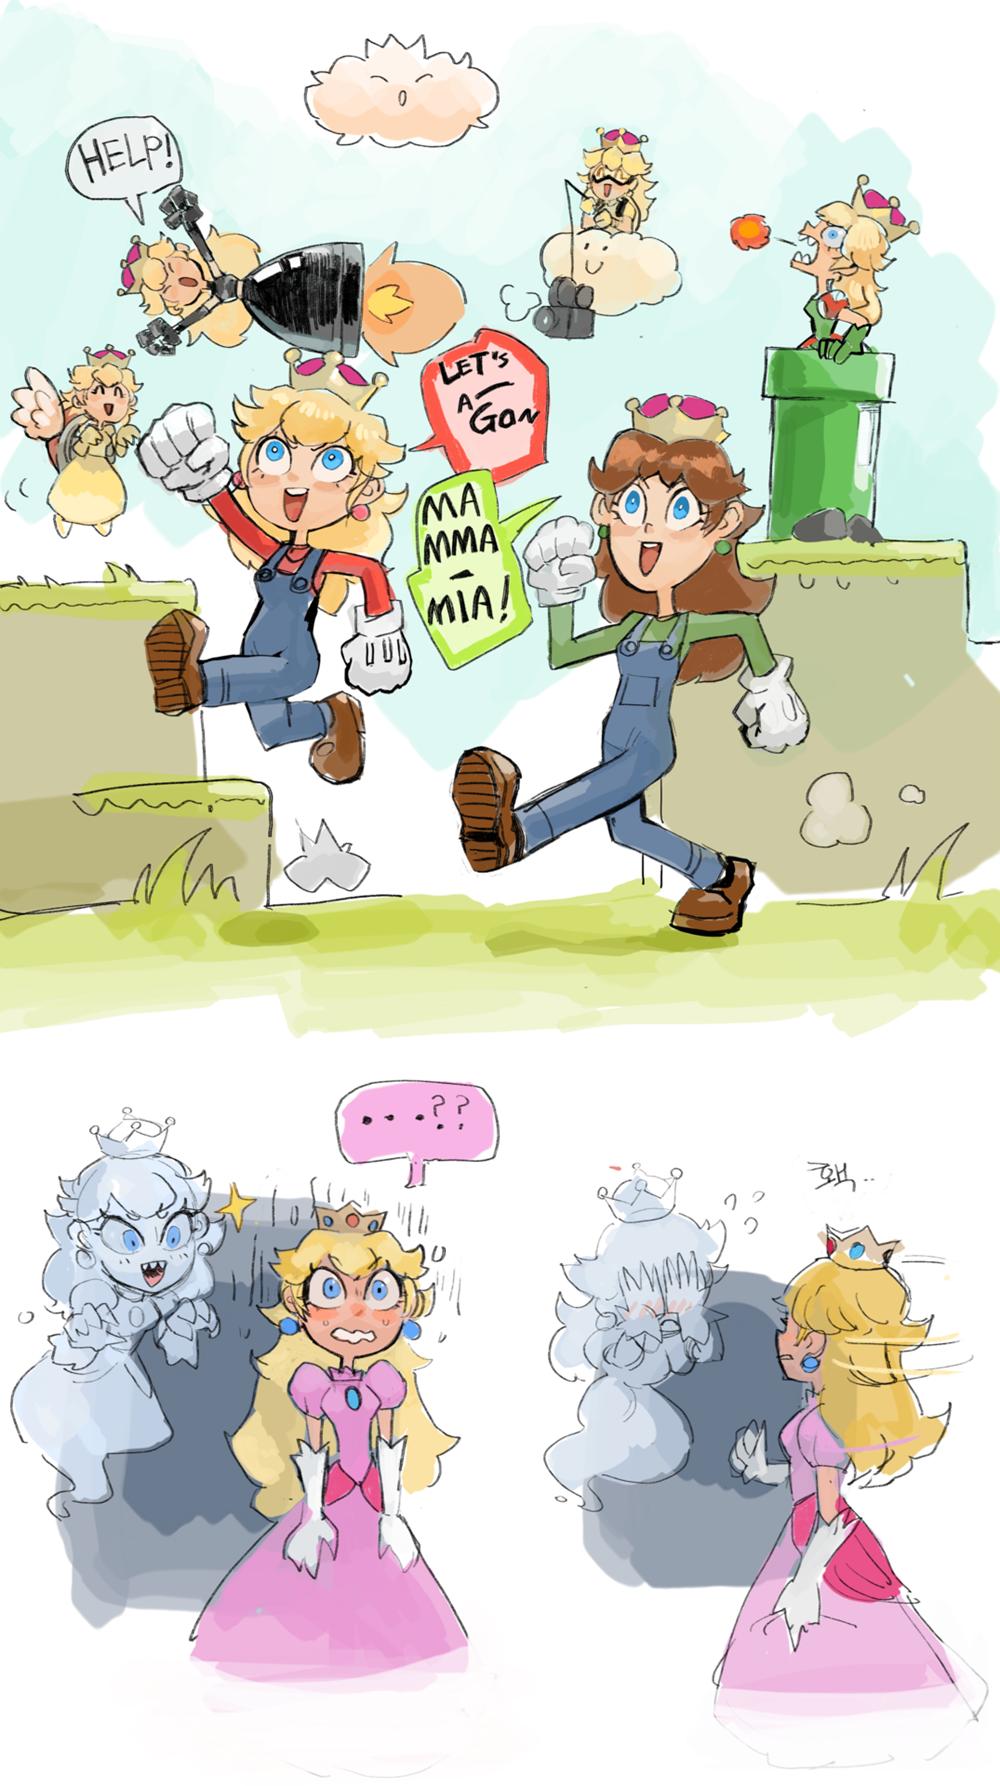 Y El Meme De La Semana Tiene Nombre Propio Bowsette Super Mario Art Mario Funny Super Mario Brothers